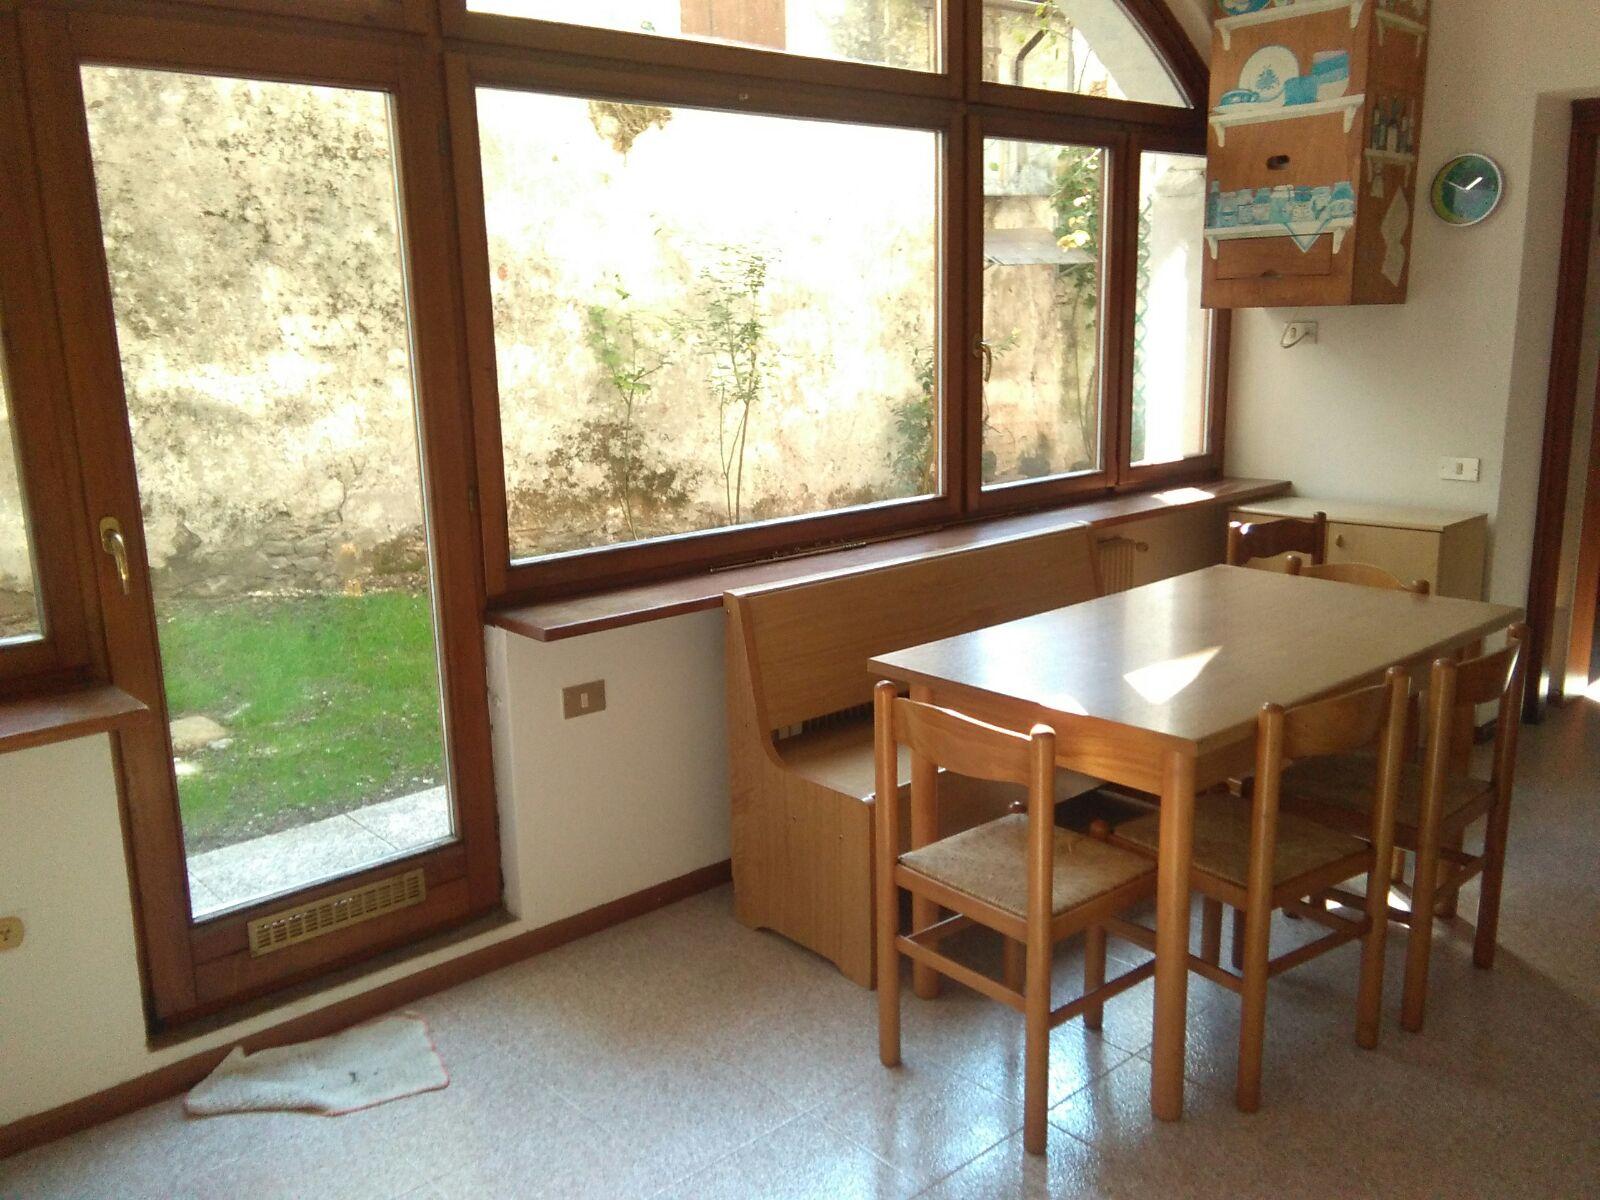 affitto appartamento belluno 2 45  430 €